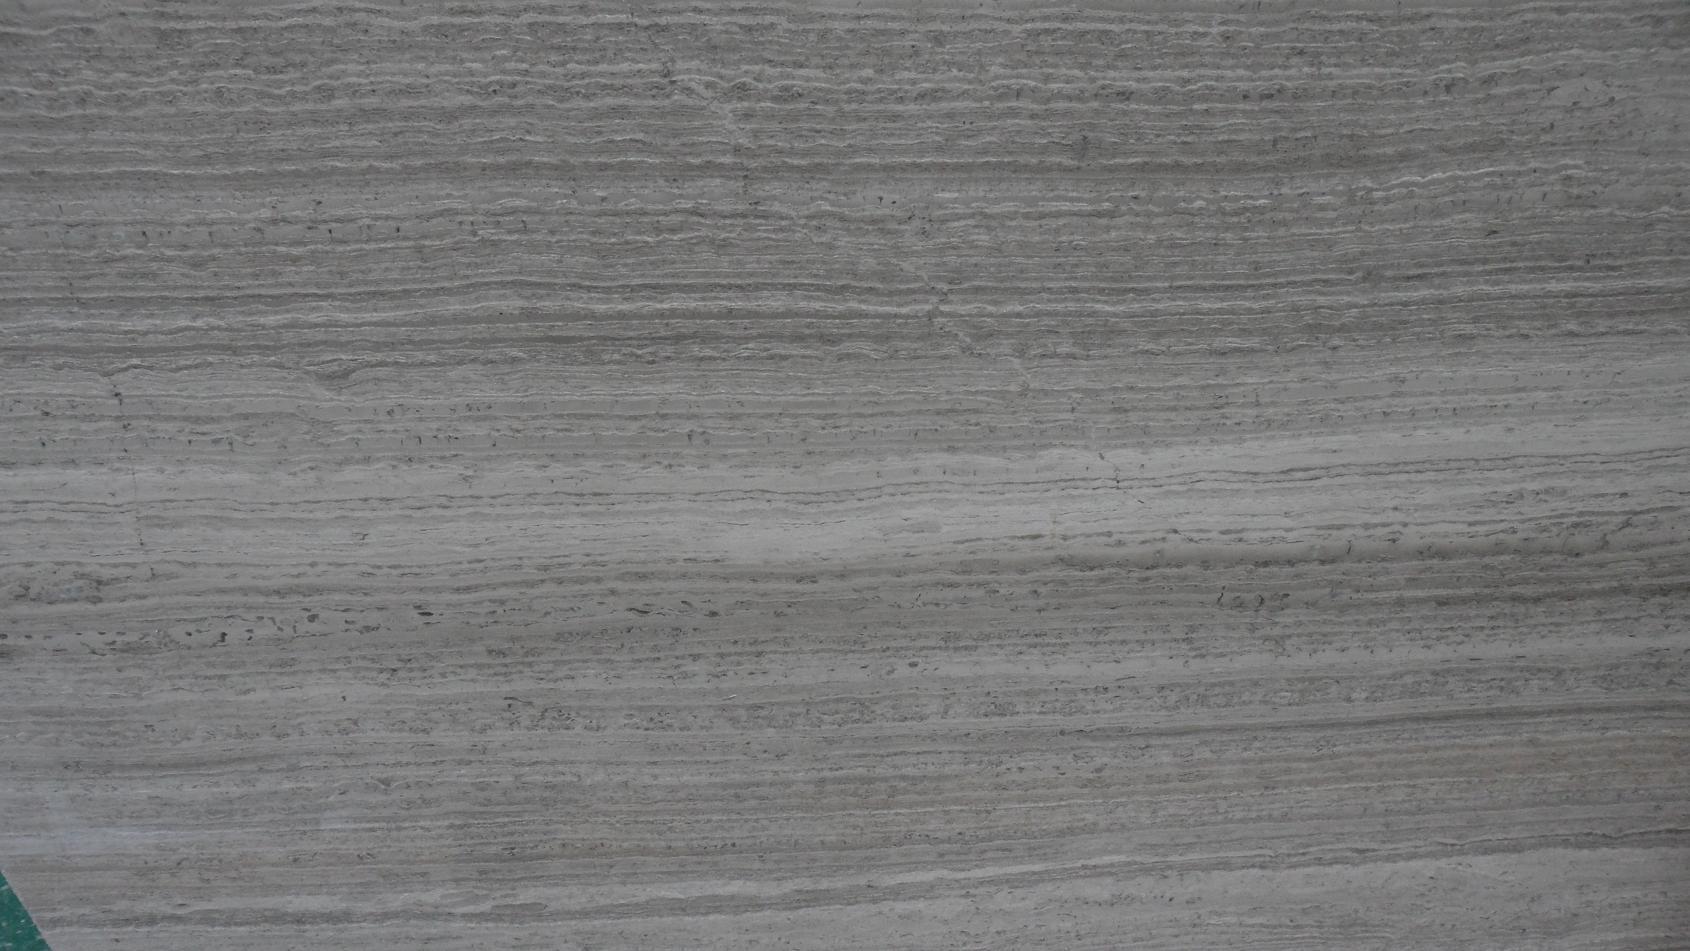 灰木纹石材_灰木纹石材贴图_灰木纹仿石材砖_鹊桥